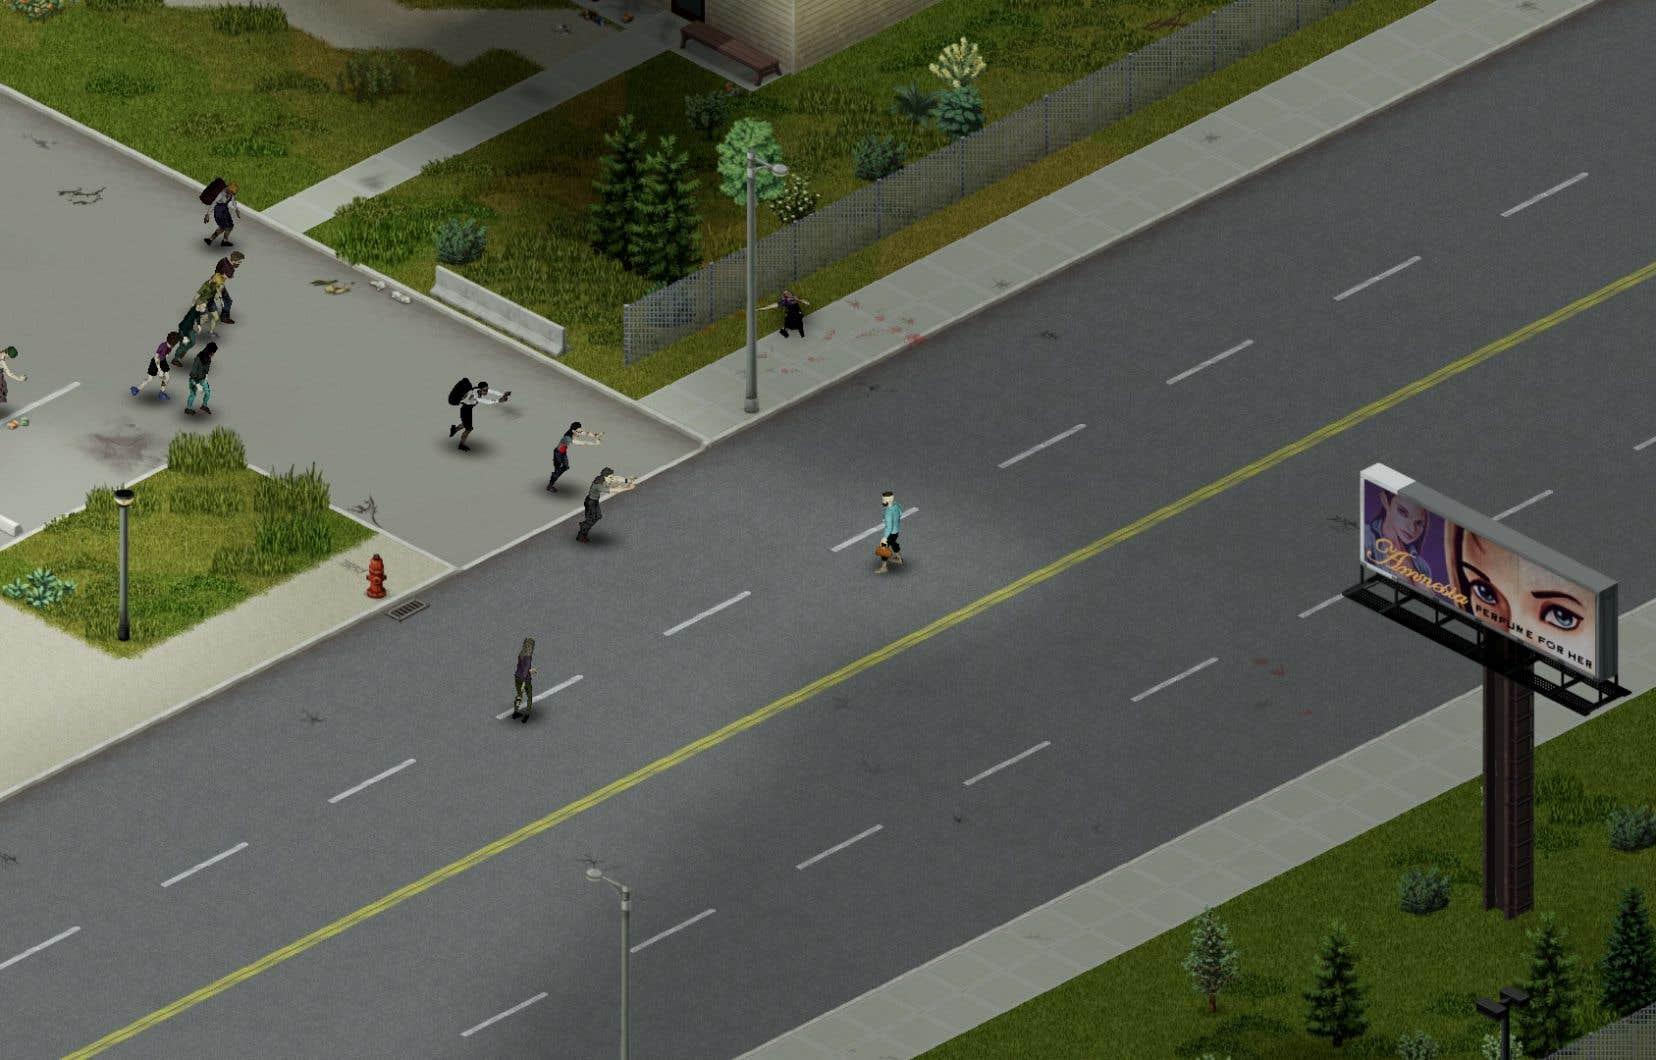 «Project Zomboid» est un jeu qui se targue d'être difficile et de nous forcer à apprendre de nos erreurs.